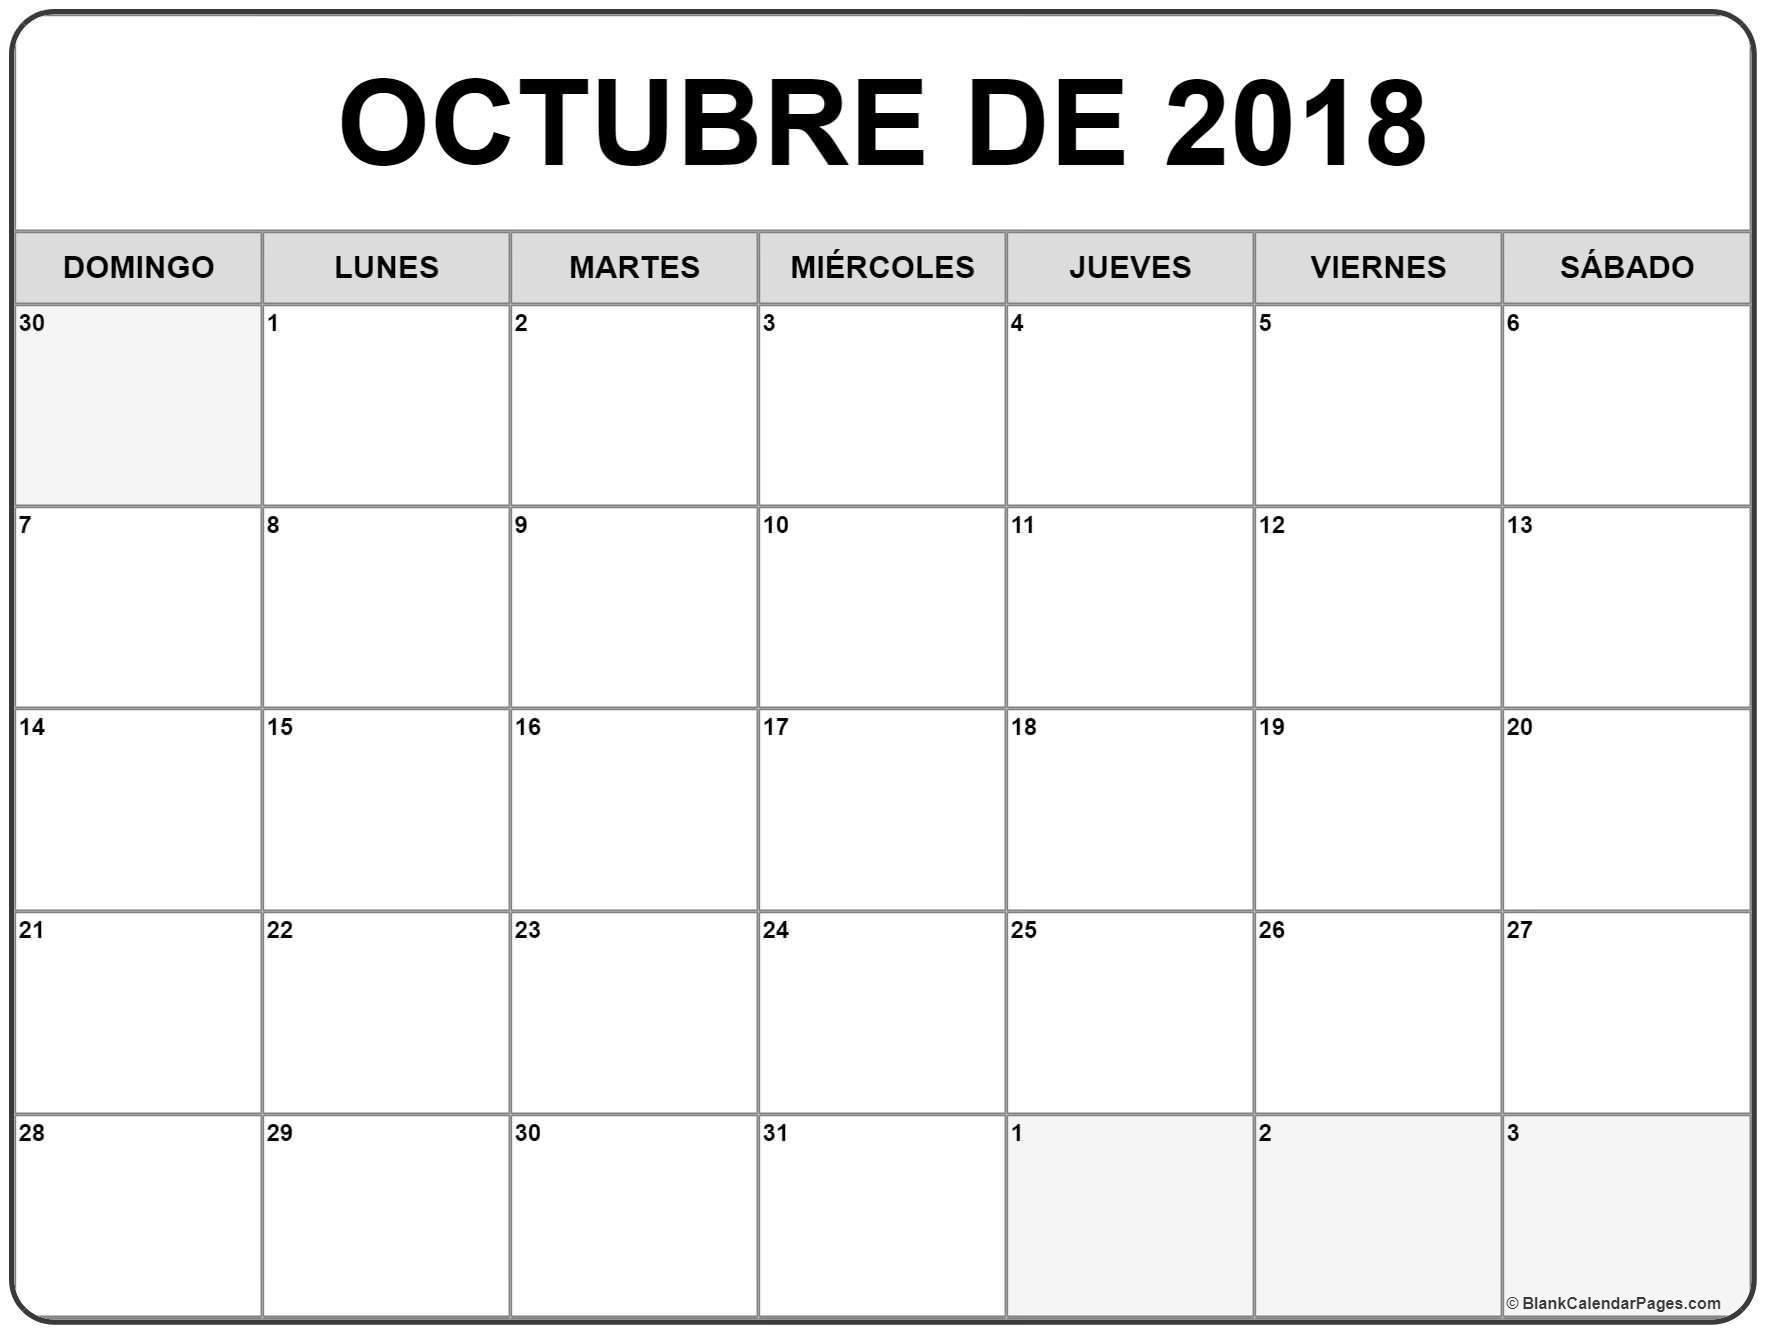 Calendario Enero 2019 Para Imprimir A4 Más Arriba-a-fecha Mes Octubre Of Calendario Enero 2019 Para Imprimir A4 Más Reciente Calendario Para Imprimir 2018 2019 Calendario